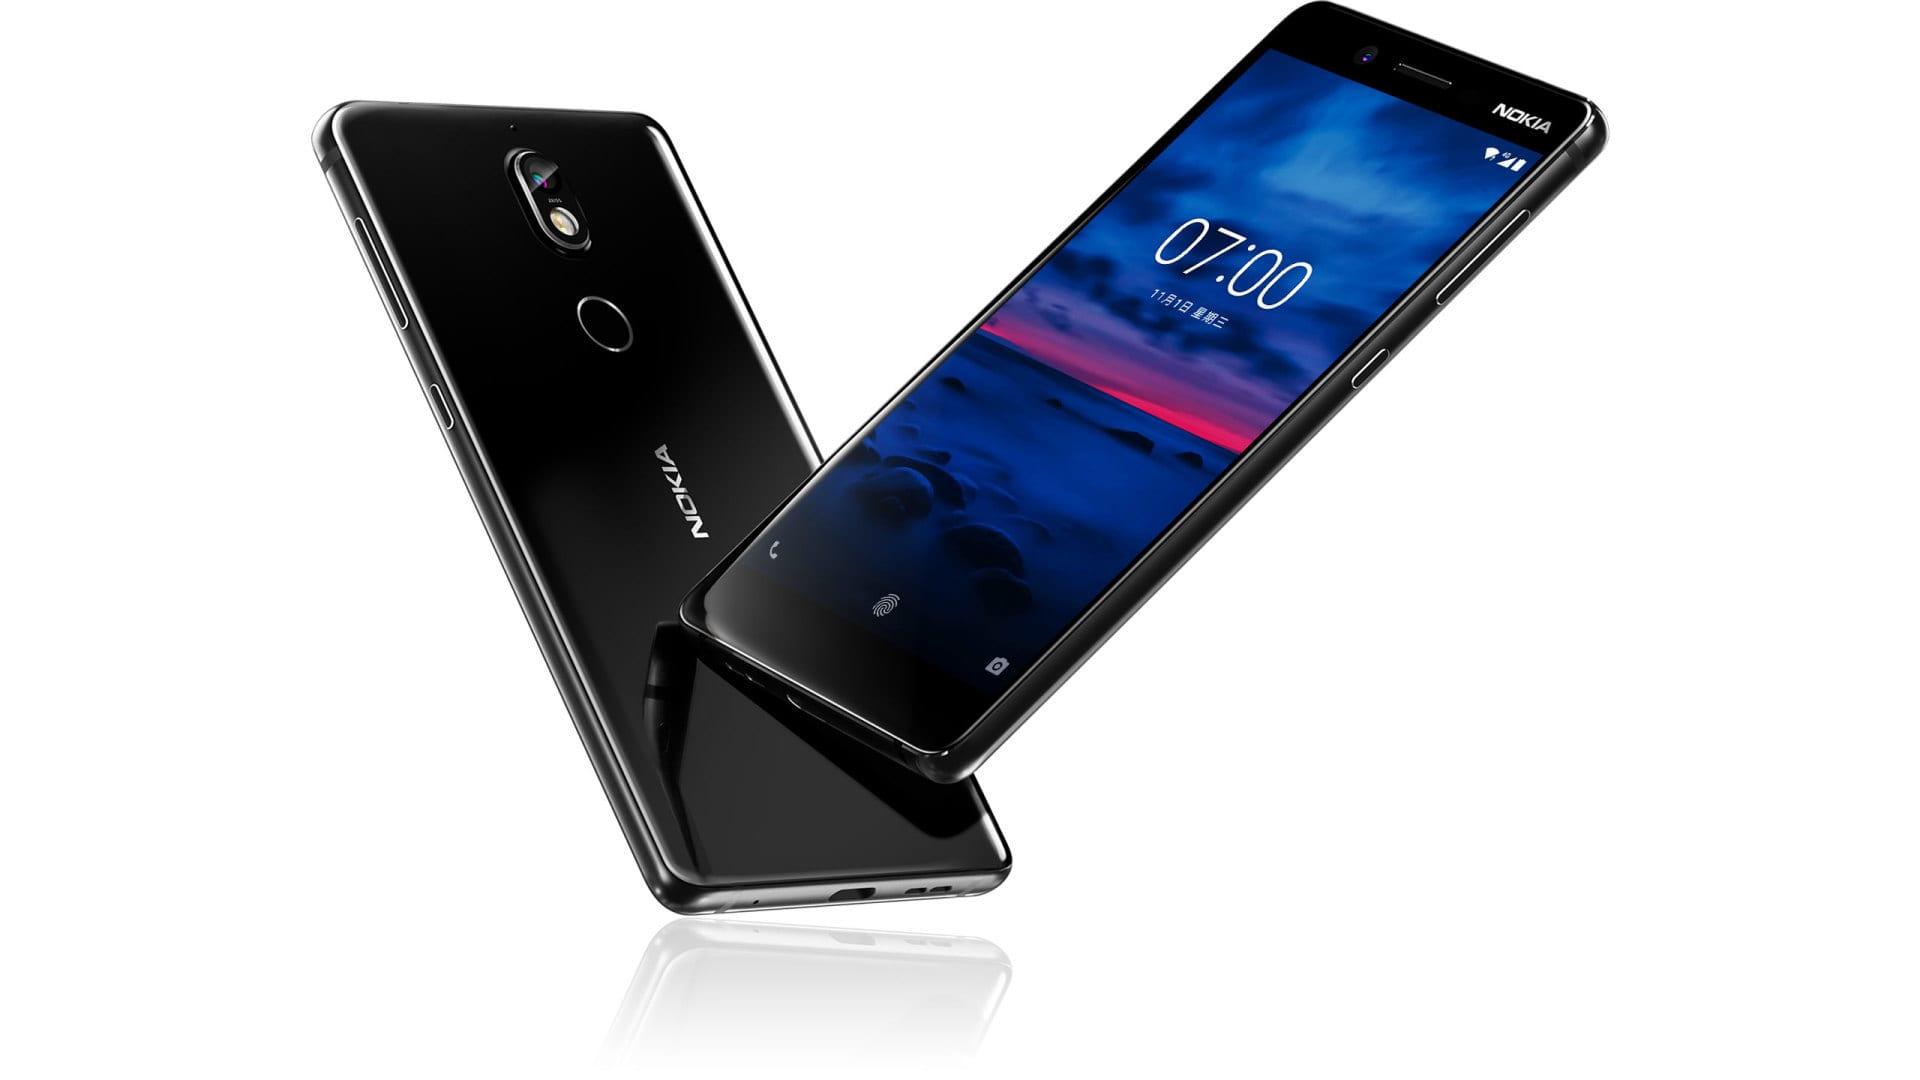 <p>De Nokia 7 is het nieuwe mid-range toestel van HMD. HMD is het bedrijf dat de licentie van microsoft heeft overgenomen en nu Nokia smartphones maakt. de smartphone heeft een [&hellip;]</p>